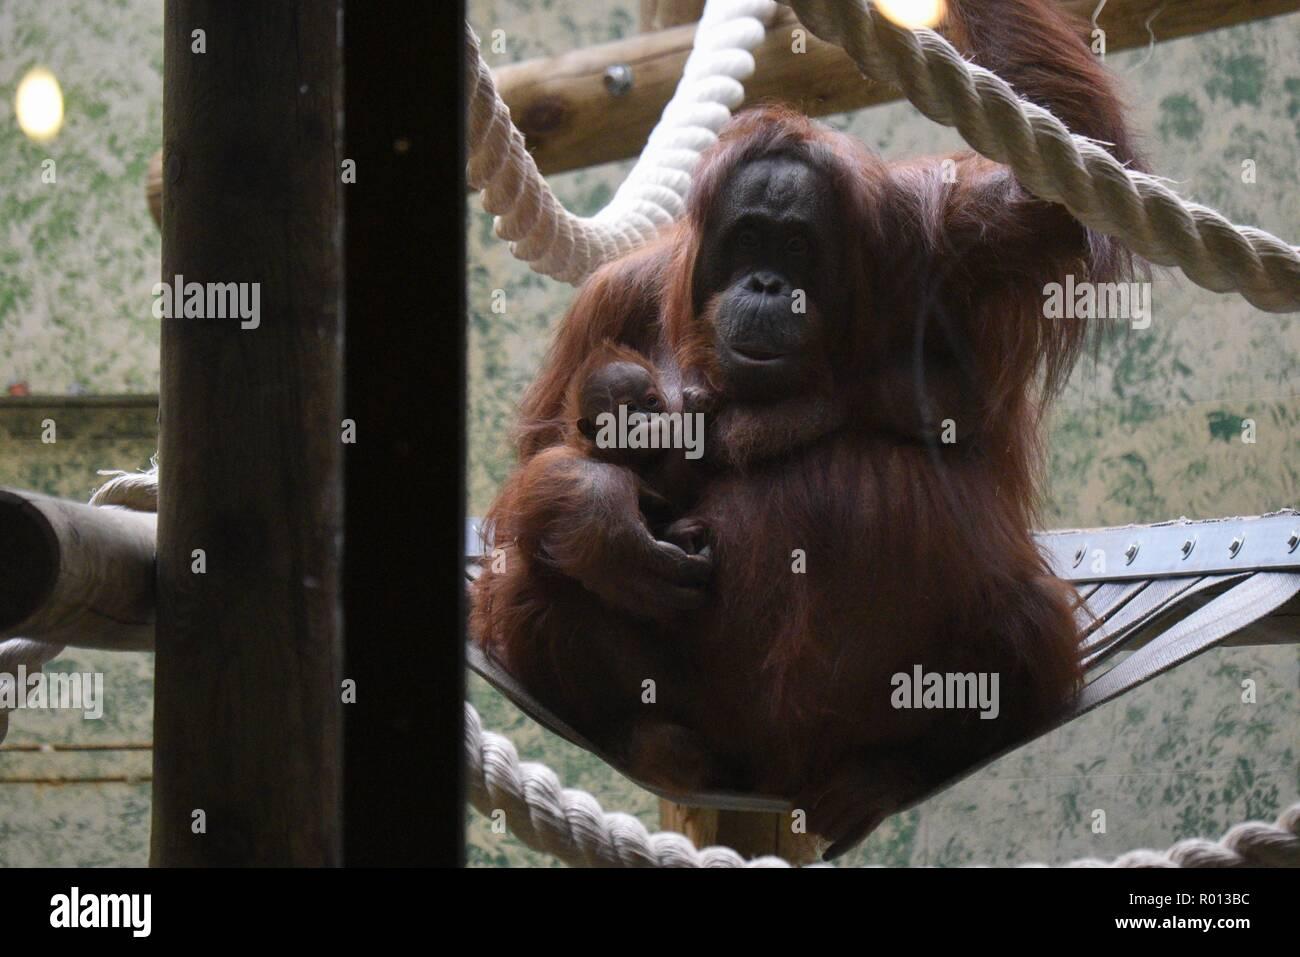 a430d19637d86 Octobre 26, 2018 - Paris, France : un orang-outan femelle avec son bébé au  zoo du Musée National d'Histoire ...